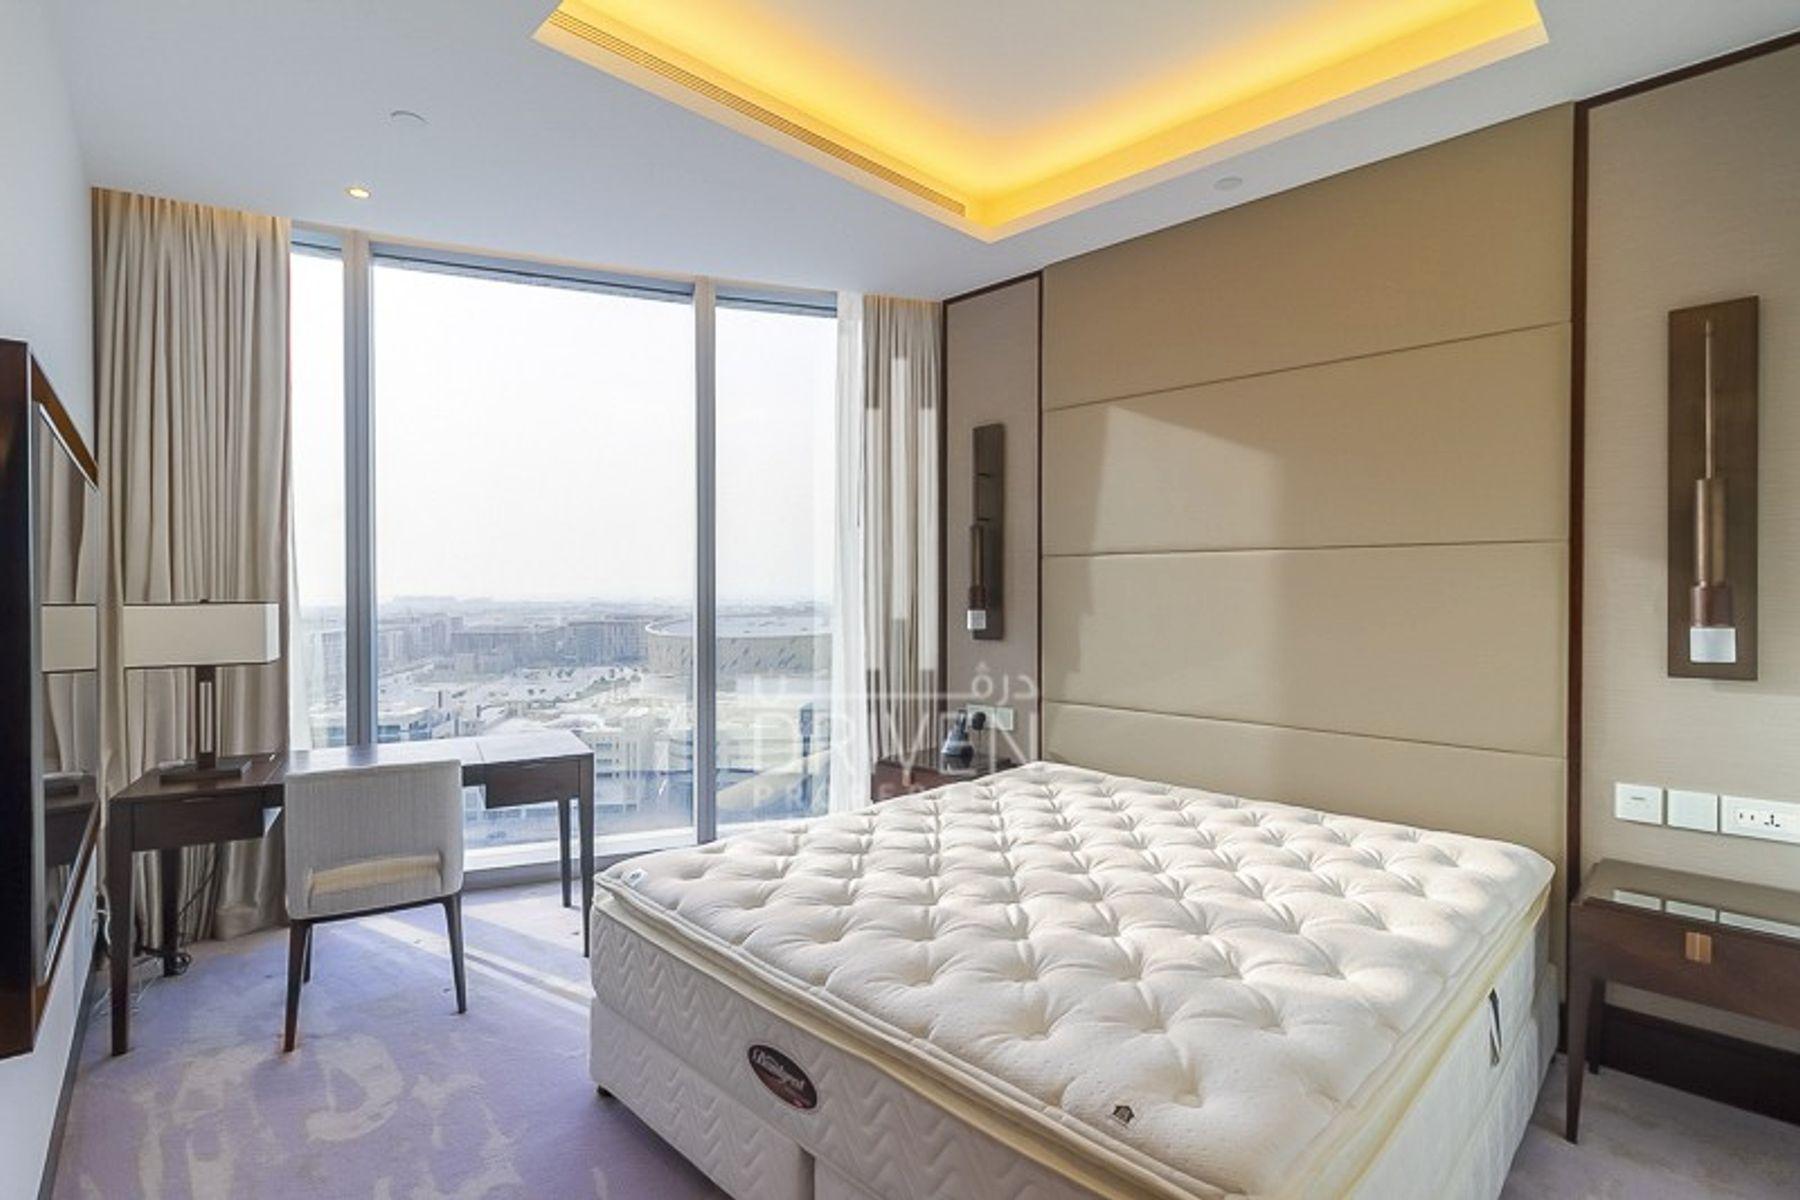 للبيع - شقة - 1 فندق العنوان-سكاي فيو - دبي وسط المدينة